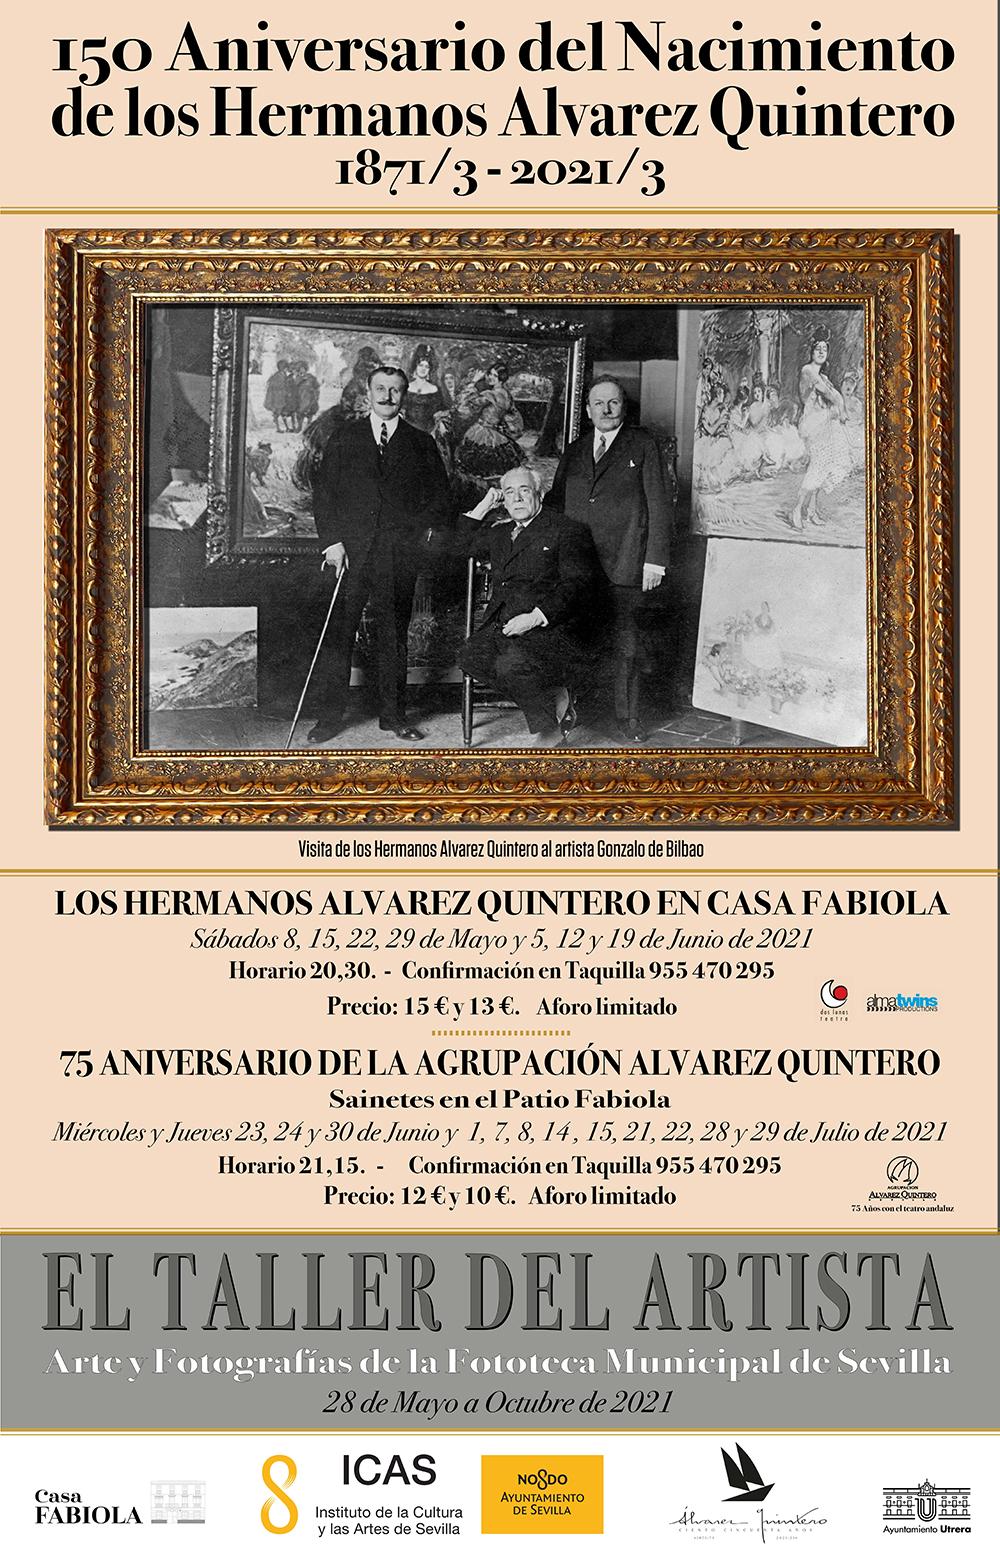 Casa Fabiola-Donación Mariano Bellver celebra el 150 Aniversario del nacimiento de los Hermanos Álvarez Quintero